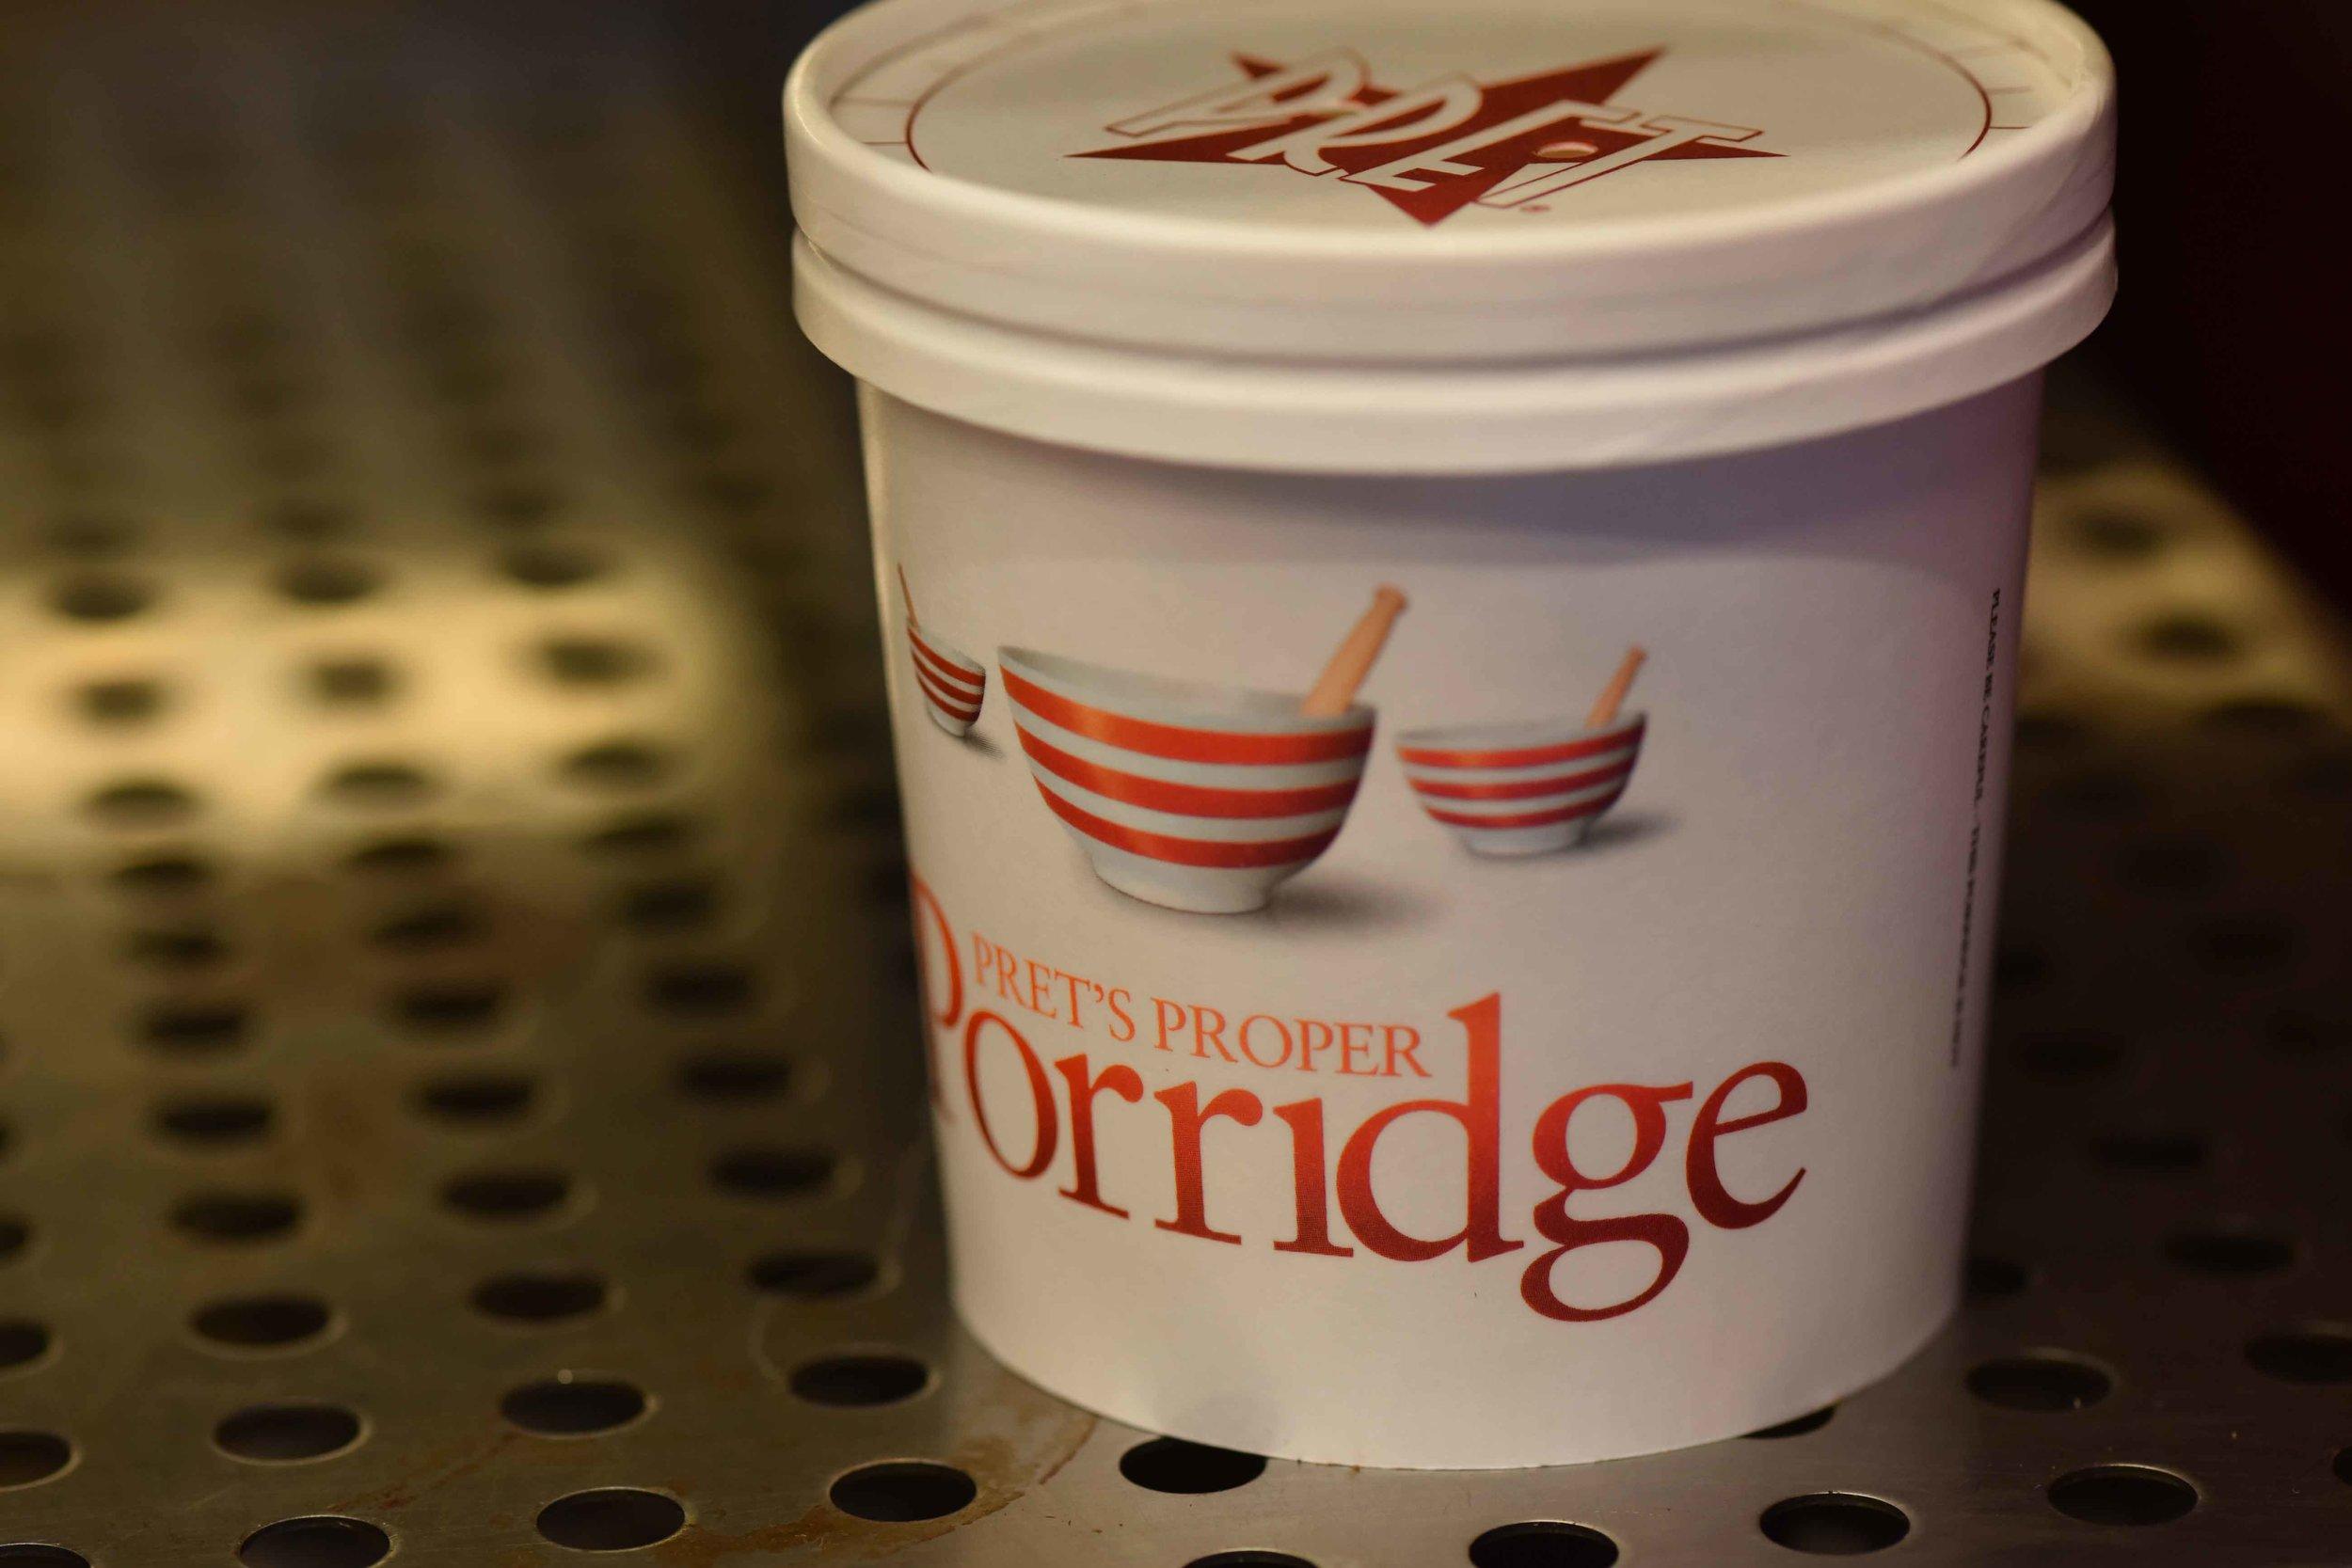 Porridge, Breakfast at Pret a Manger, London, U.K.Image©sourcingstyle.com